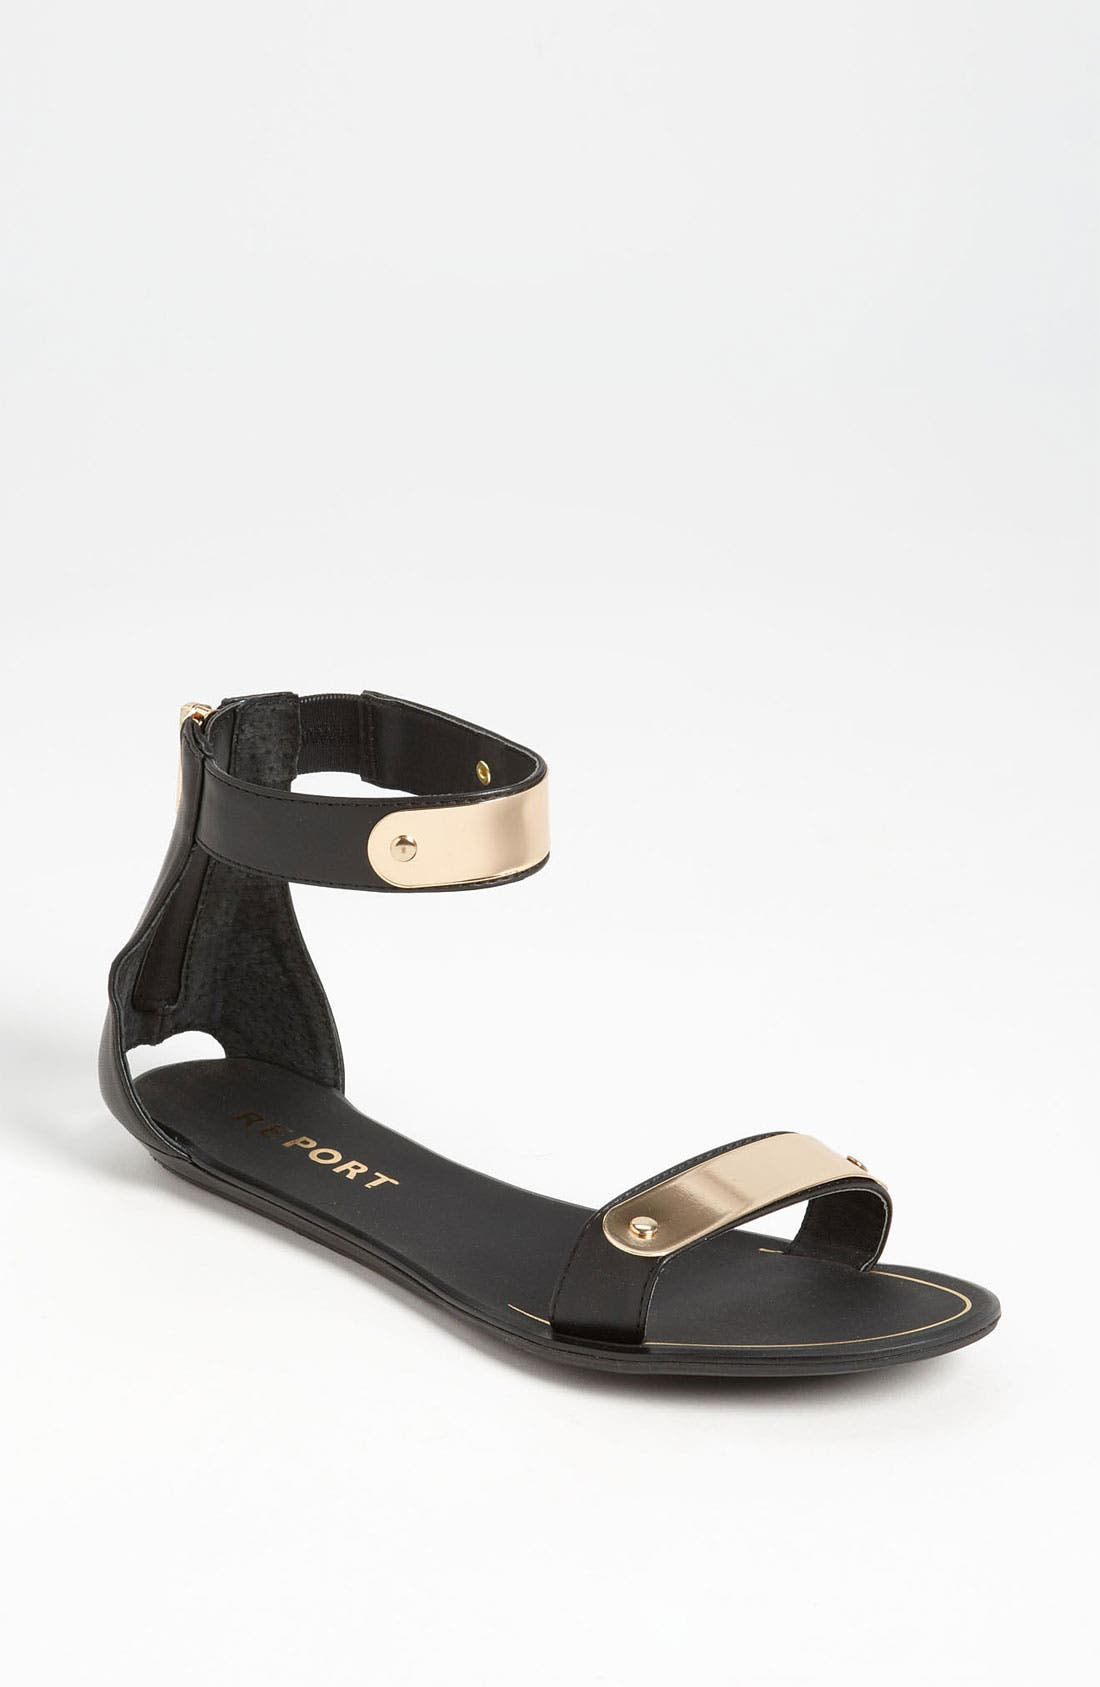 Main Image - REPORT Metal Bar Sandal